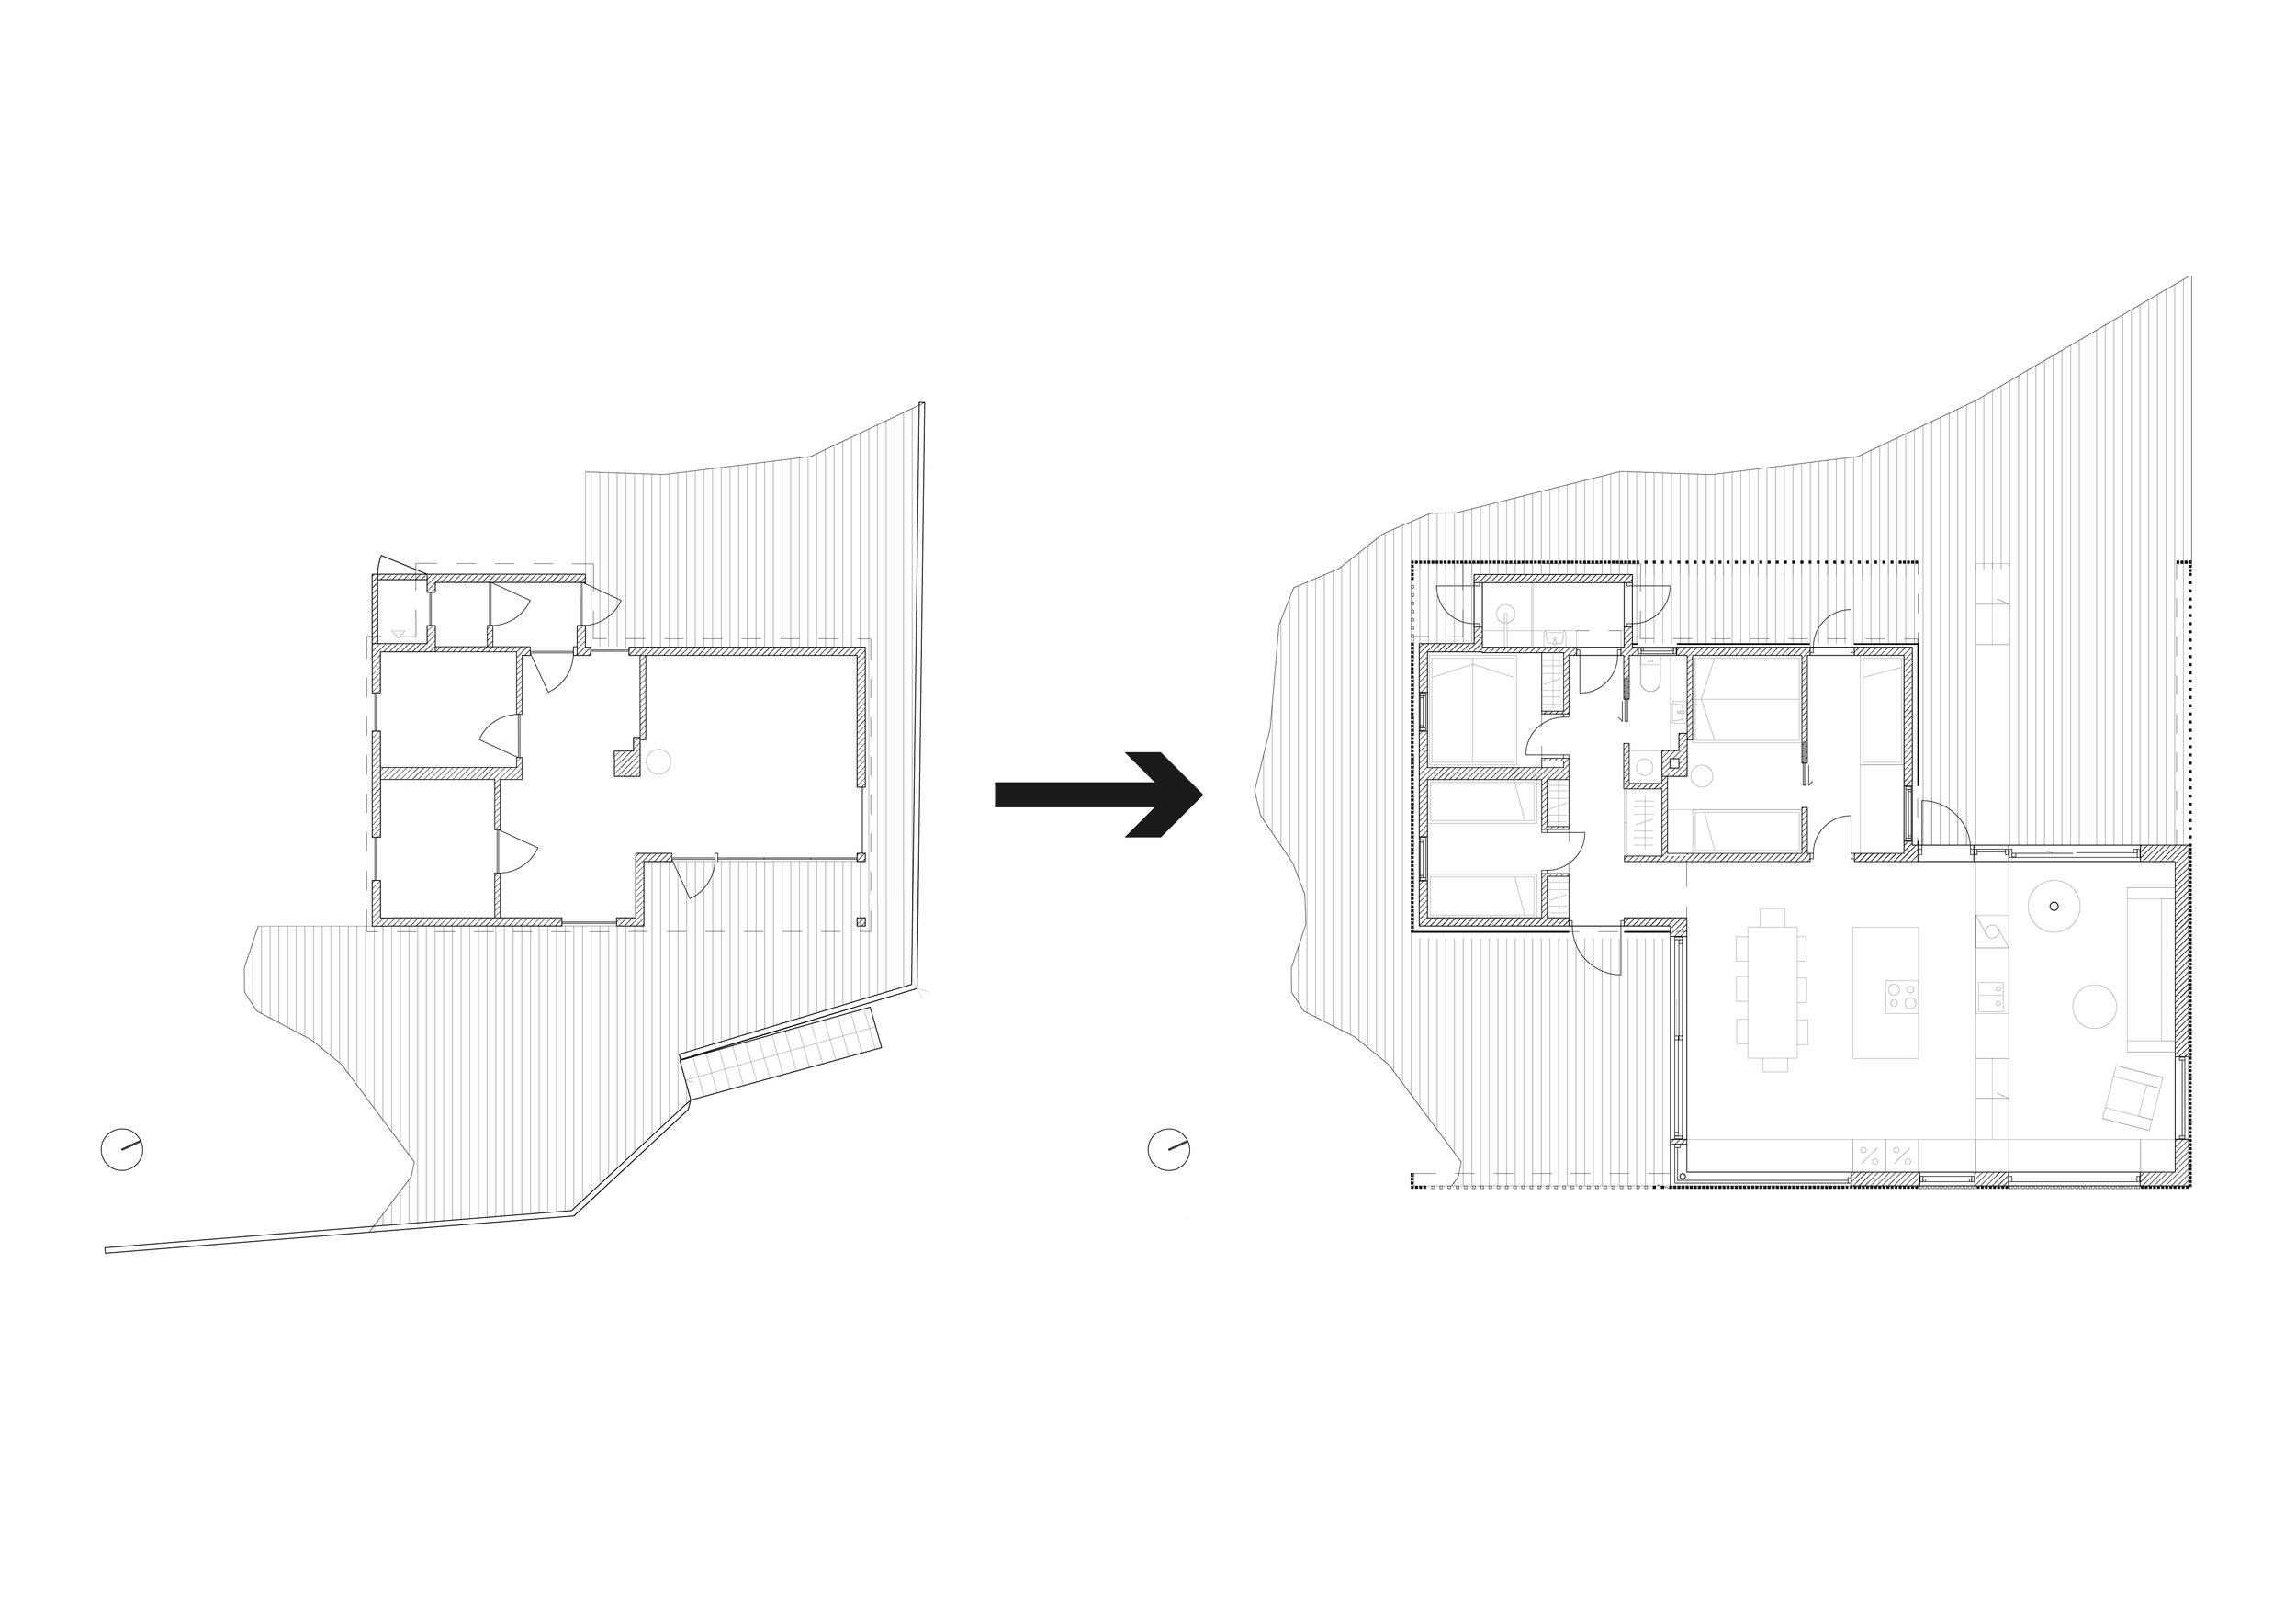 plan_eks_vs_nytt-01.jpg